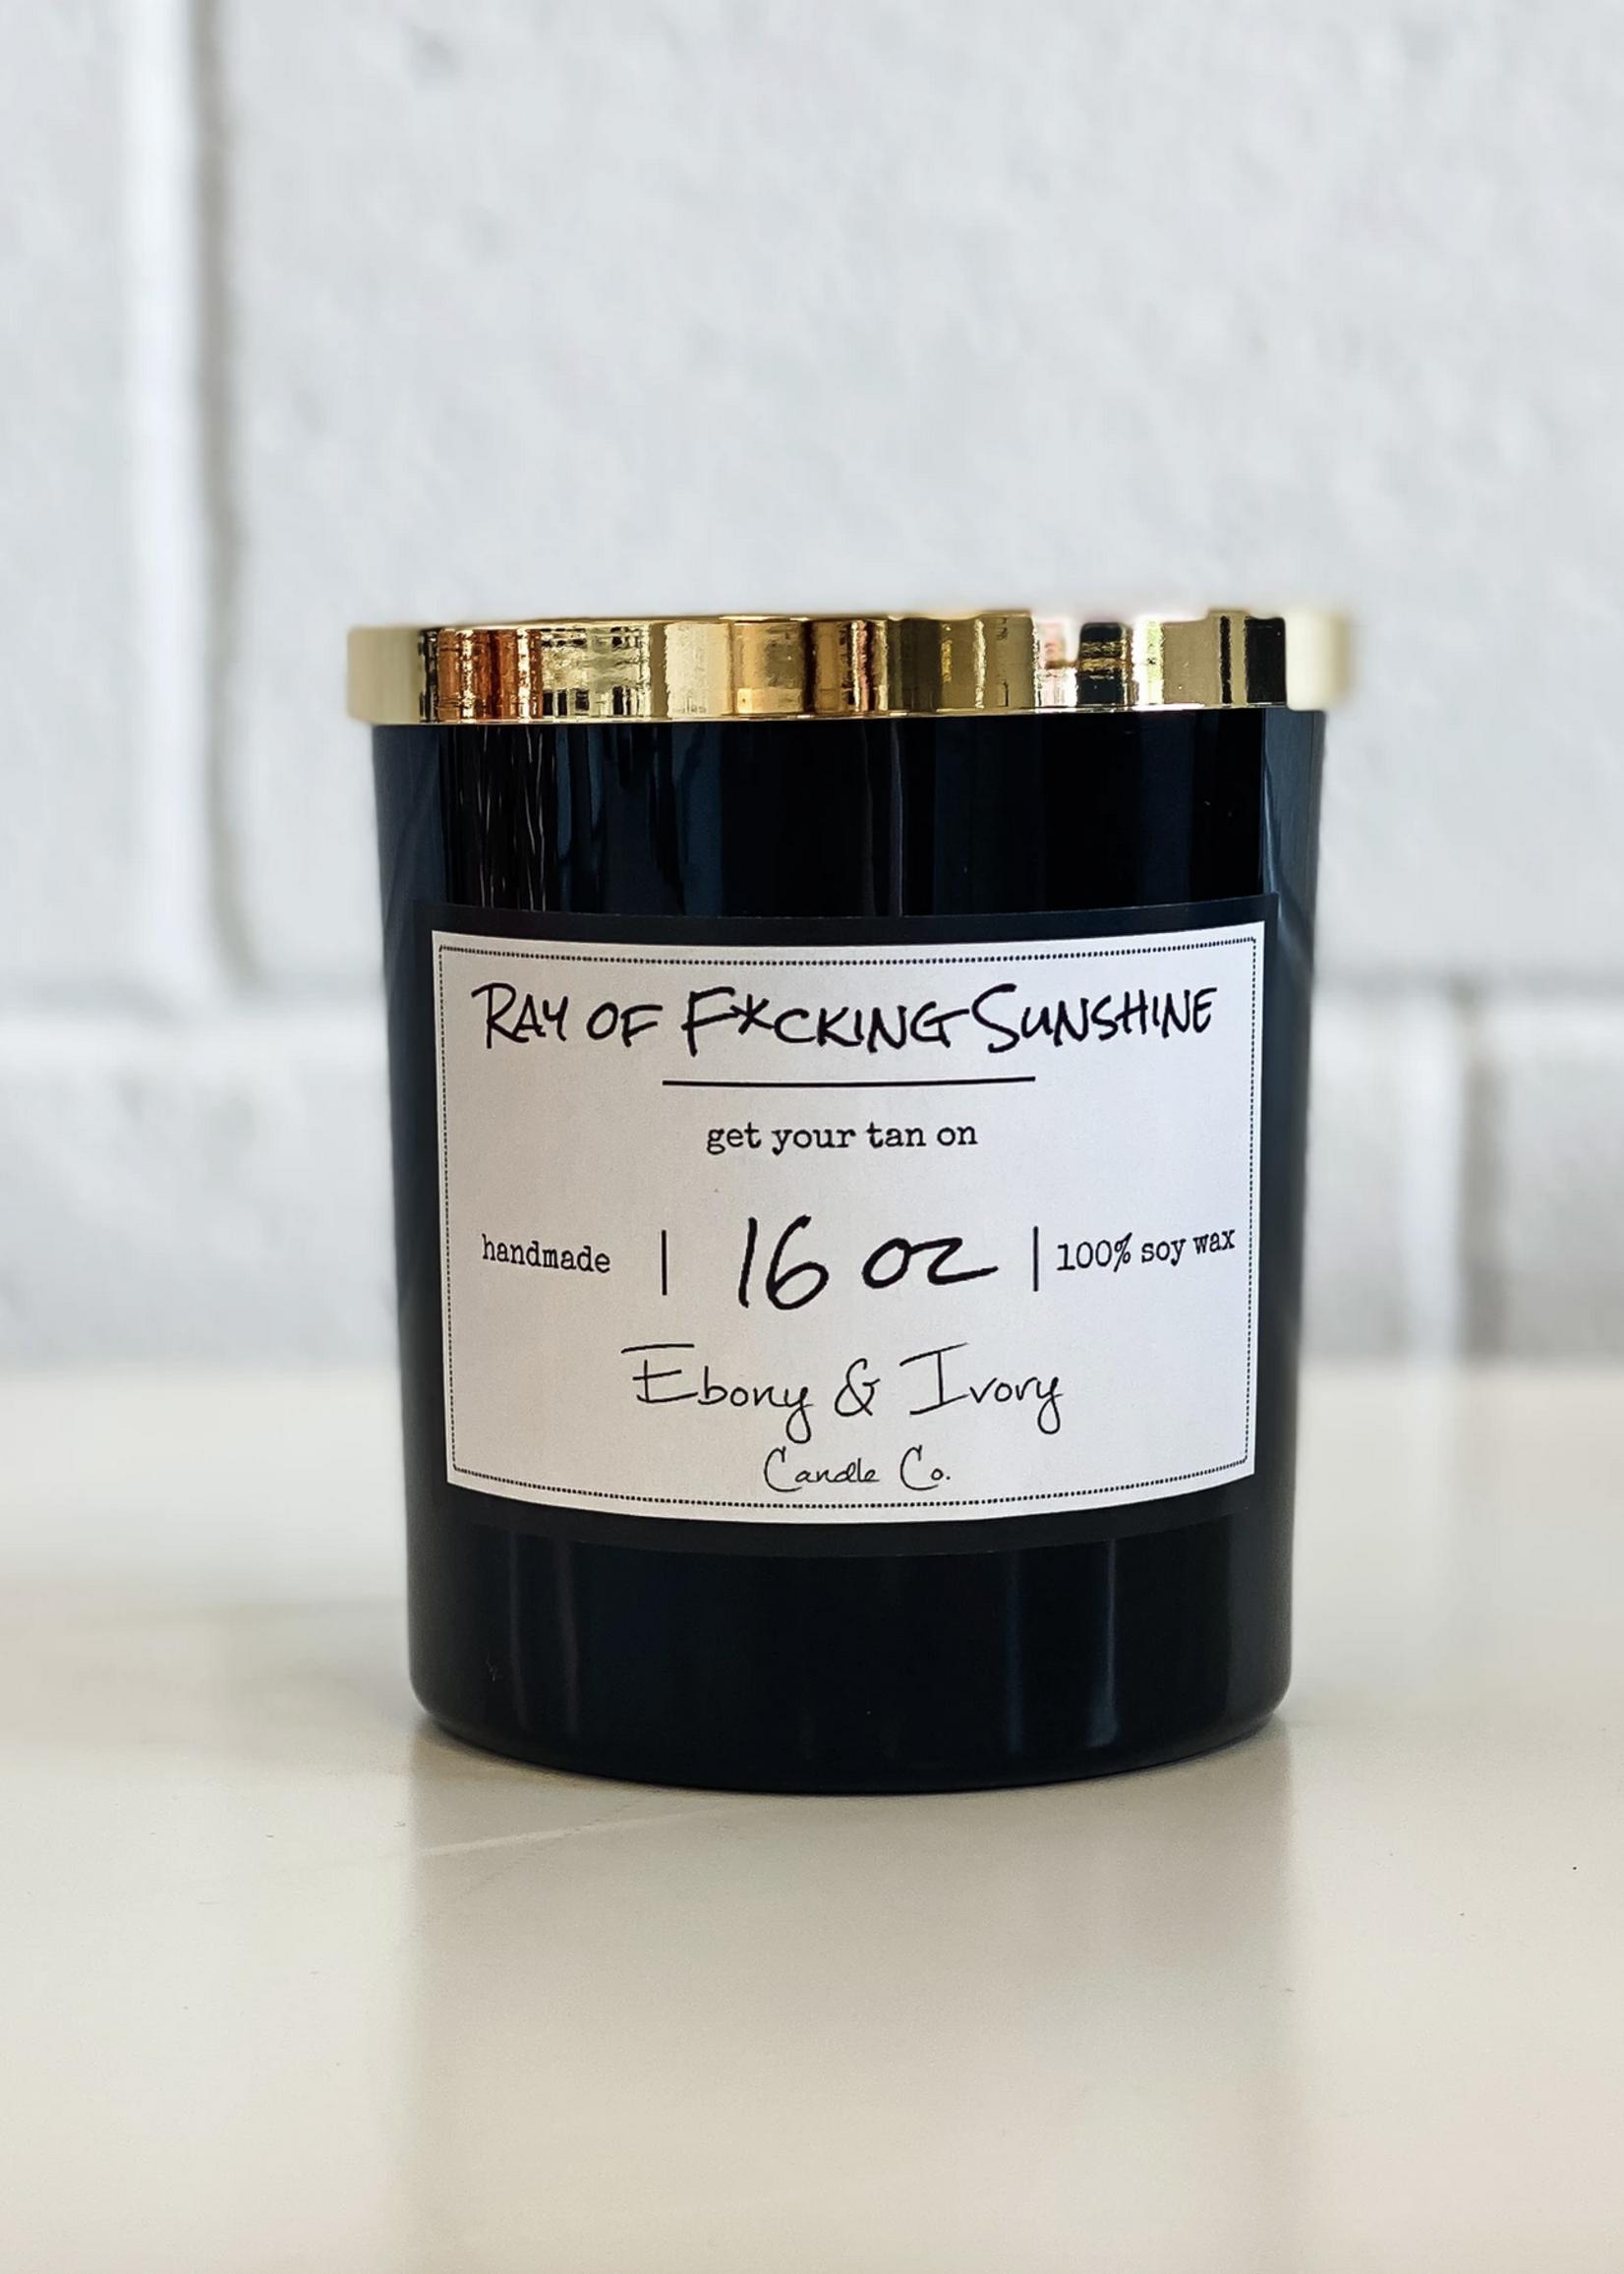 Ebony & Ivory Candle Co. Ray of F*cking Sunshine- 16oz